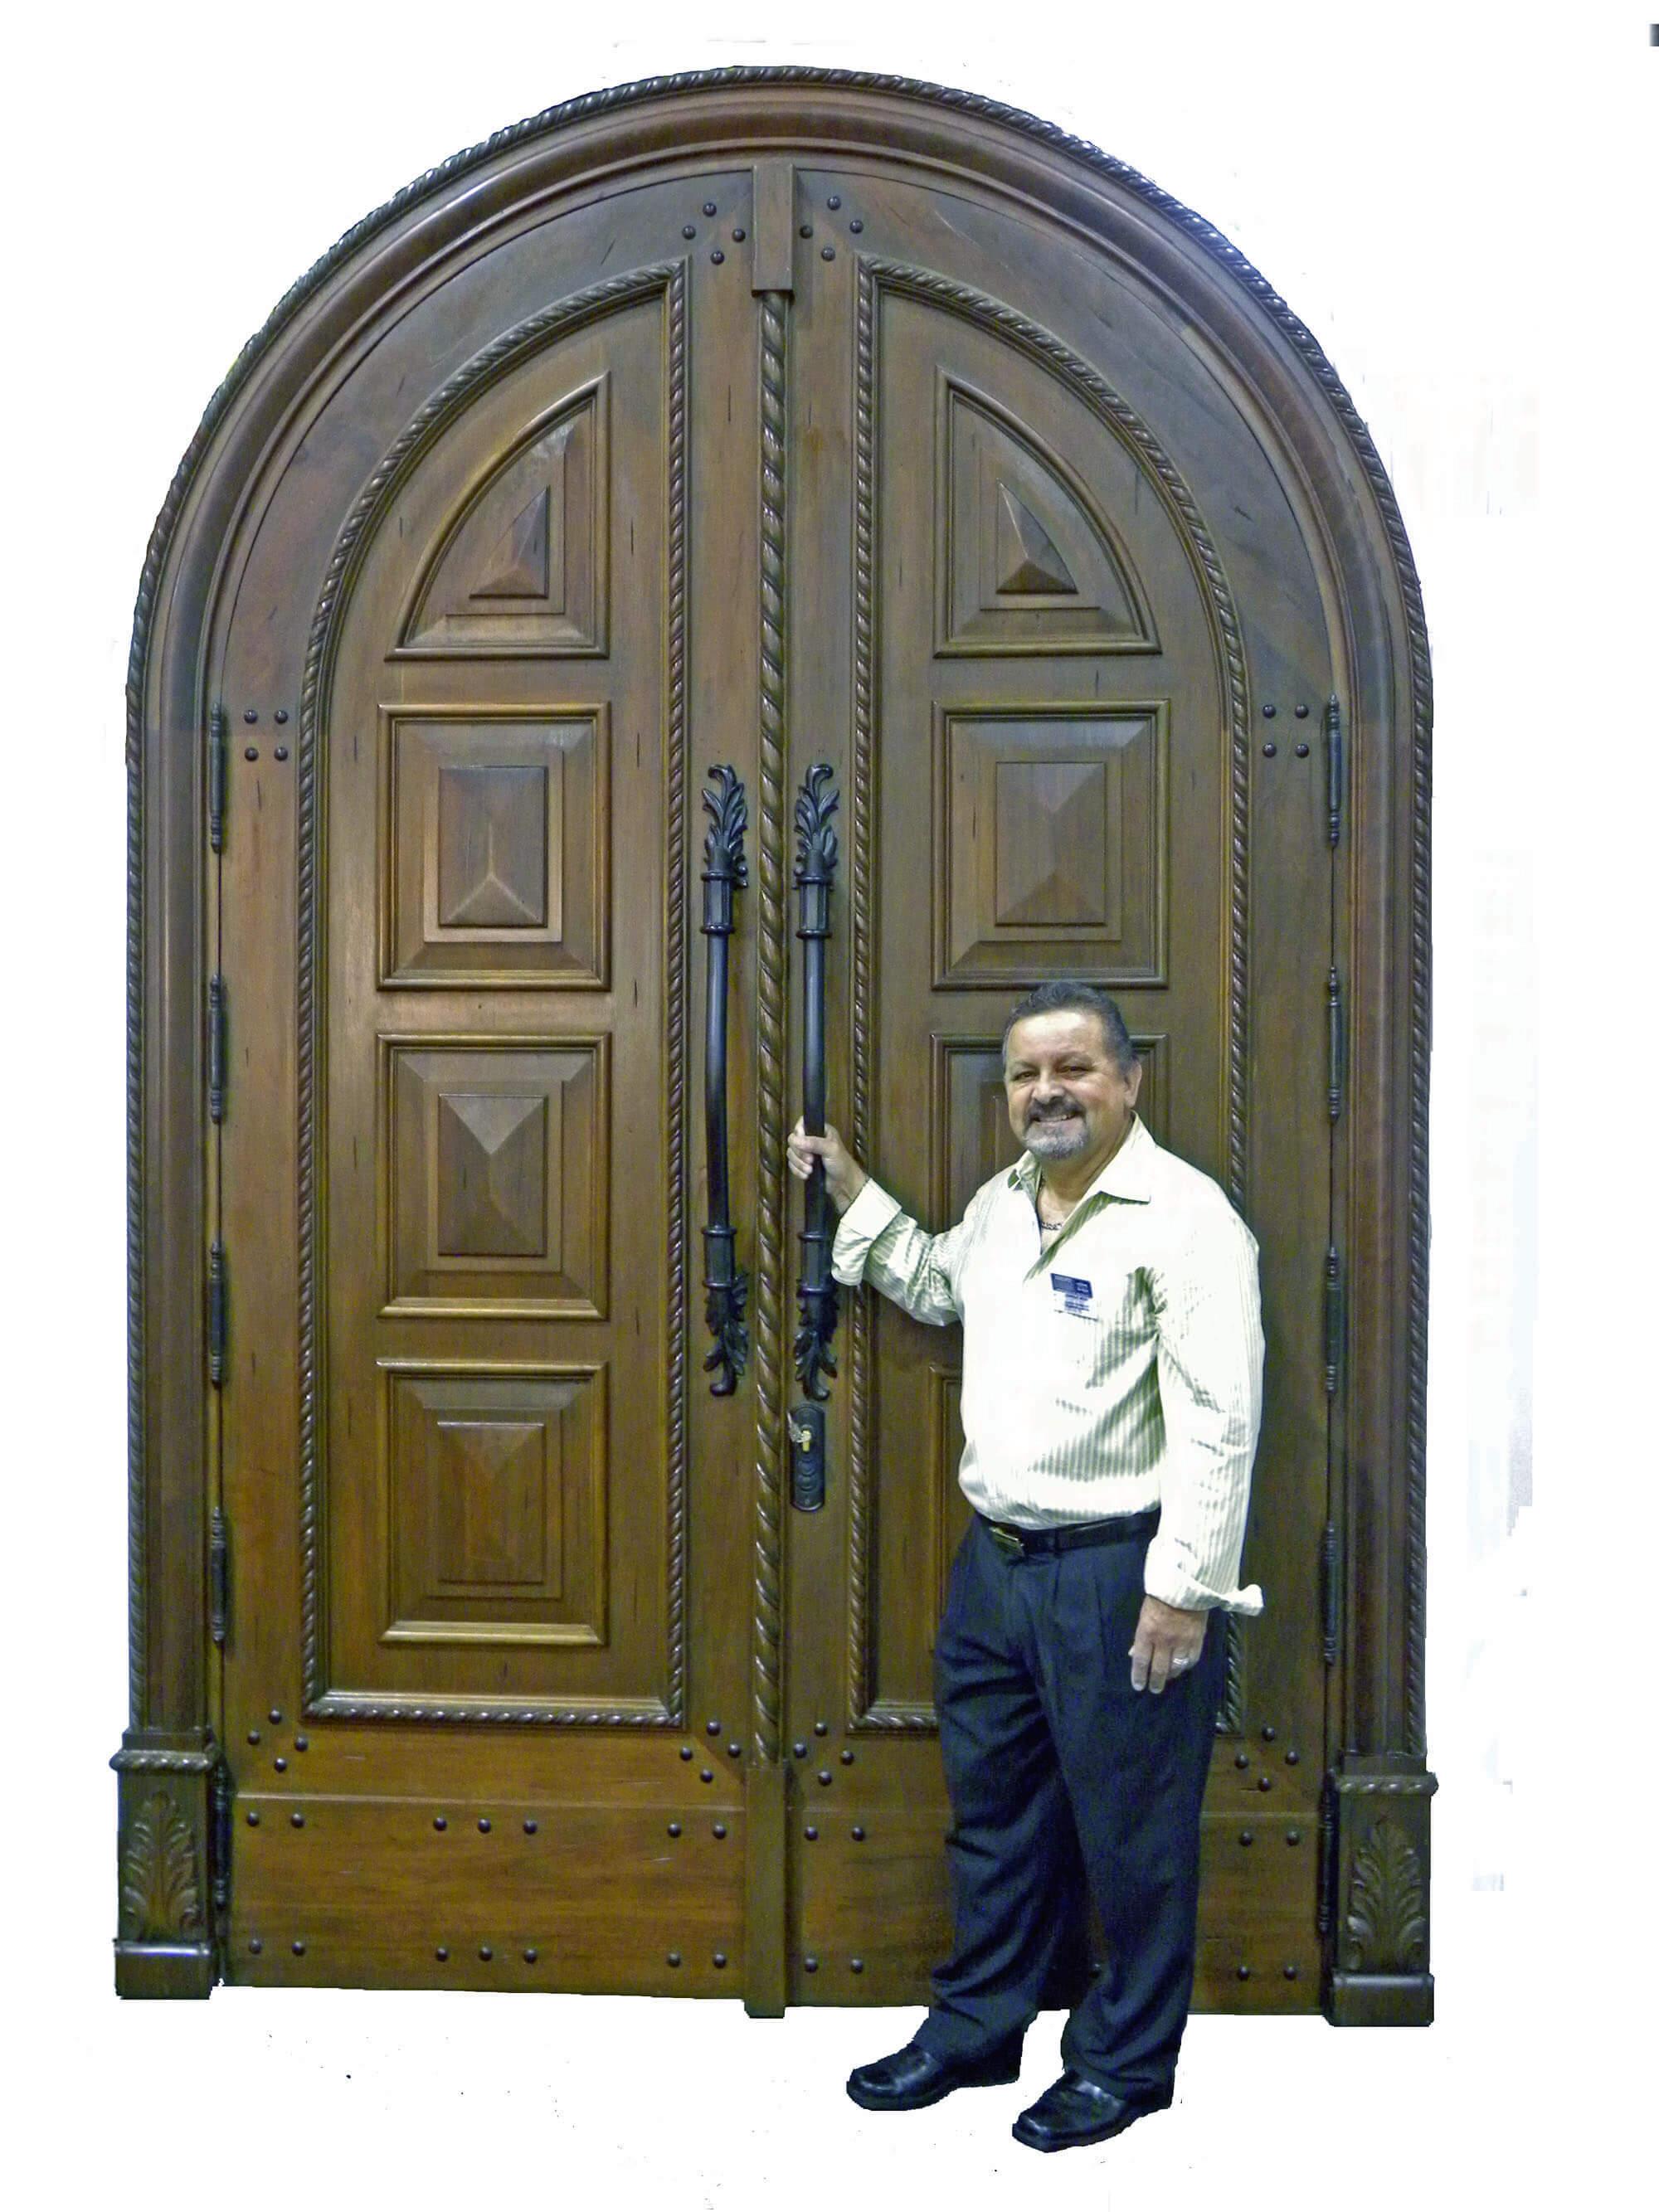 MEDICI MAHOGANY ENTRANCE DOOR INTERIOR